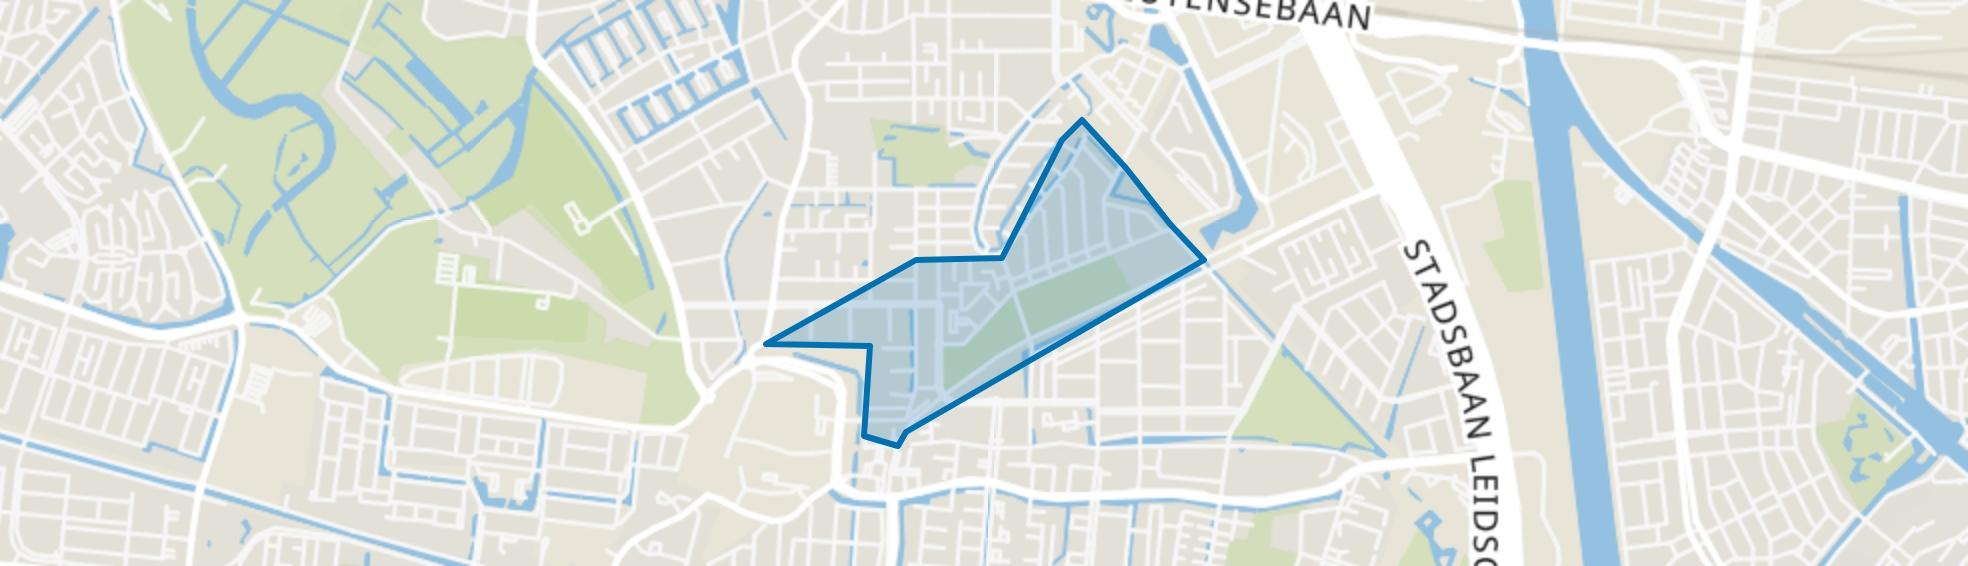 Parkwijk-Noord, Utrecht map